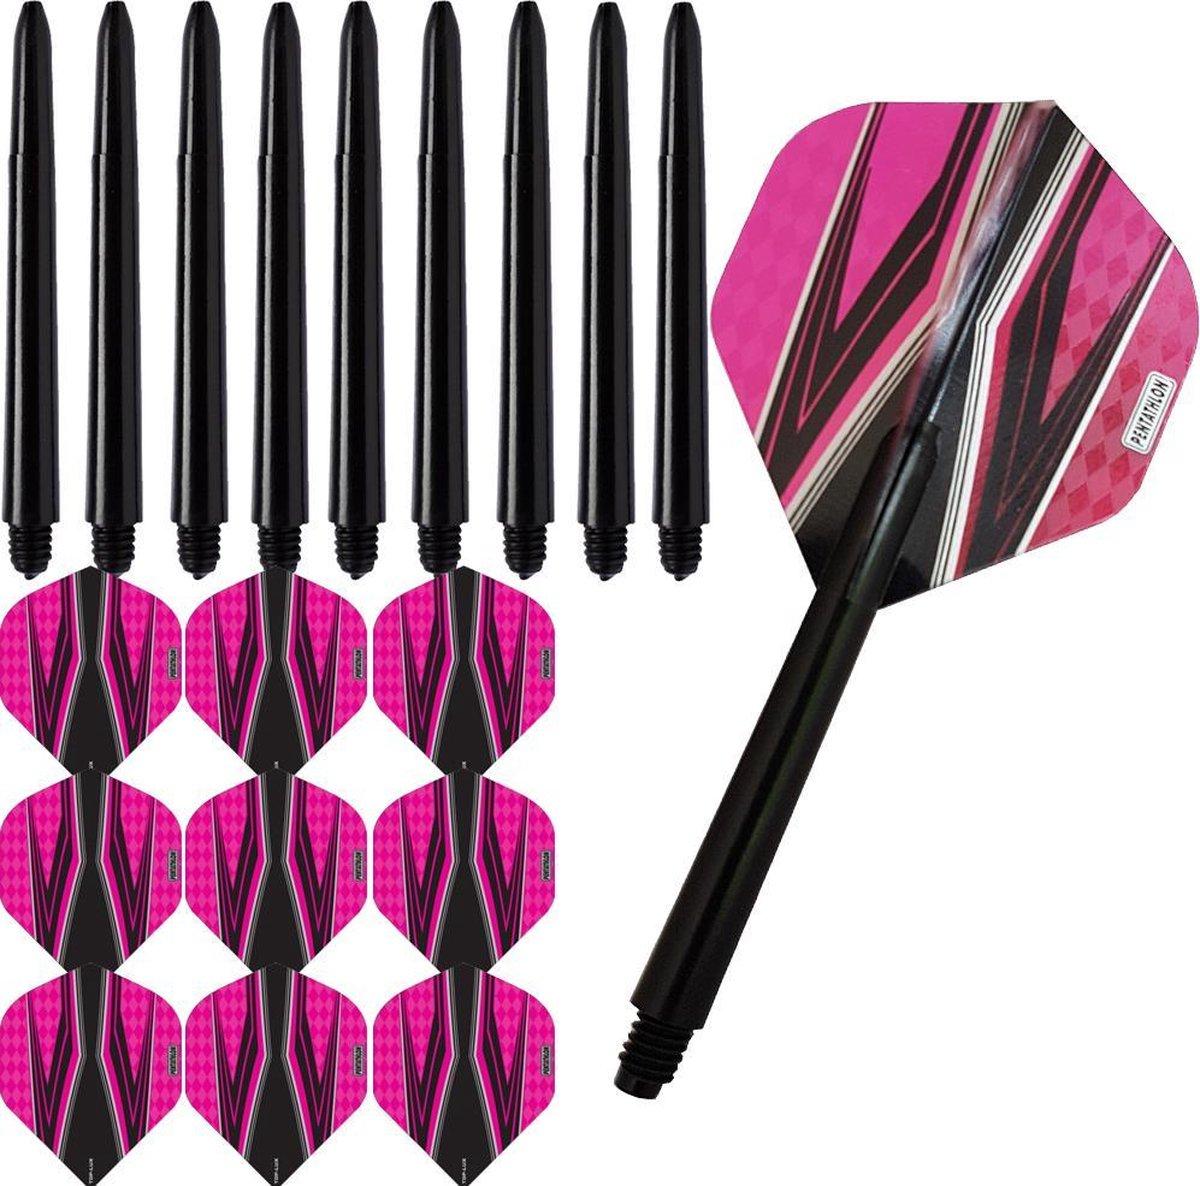 ABC Darts Flights Pentathlon - Dart flights en Medium Dart Shafts - Spitfire zwart roze - 3 sets